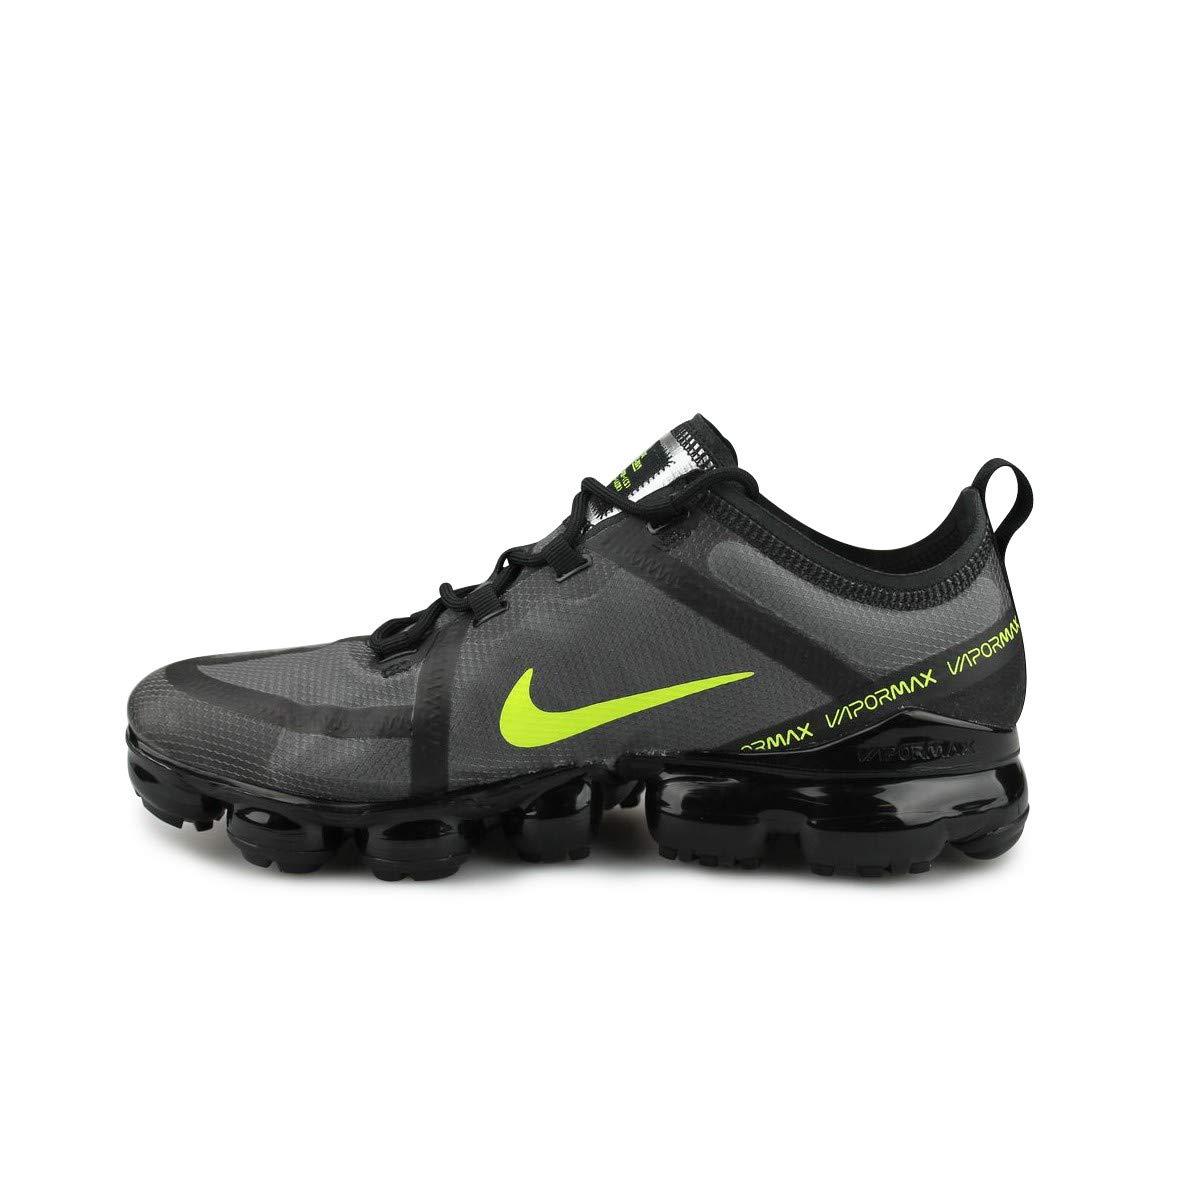 Nike Air Vapormax 2019 schwarz: : Schuhe & Handtaschen